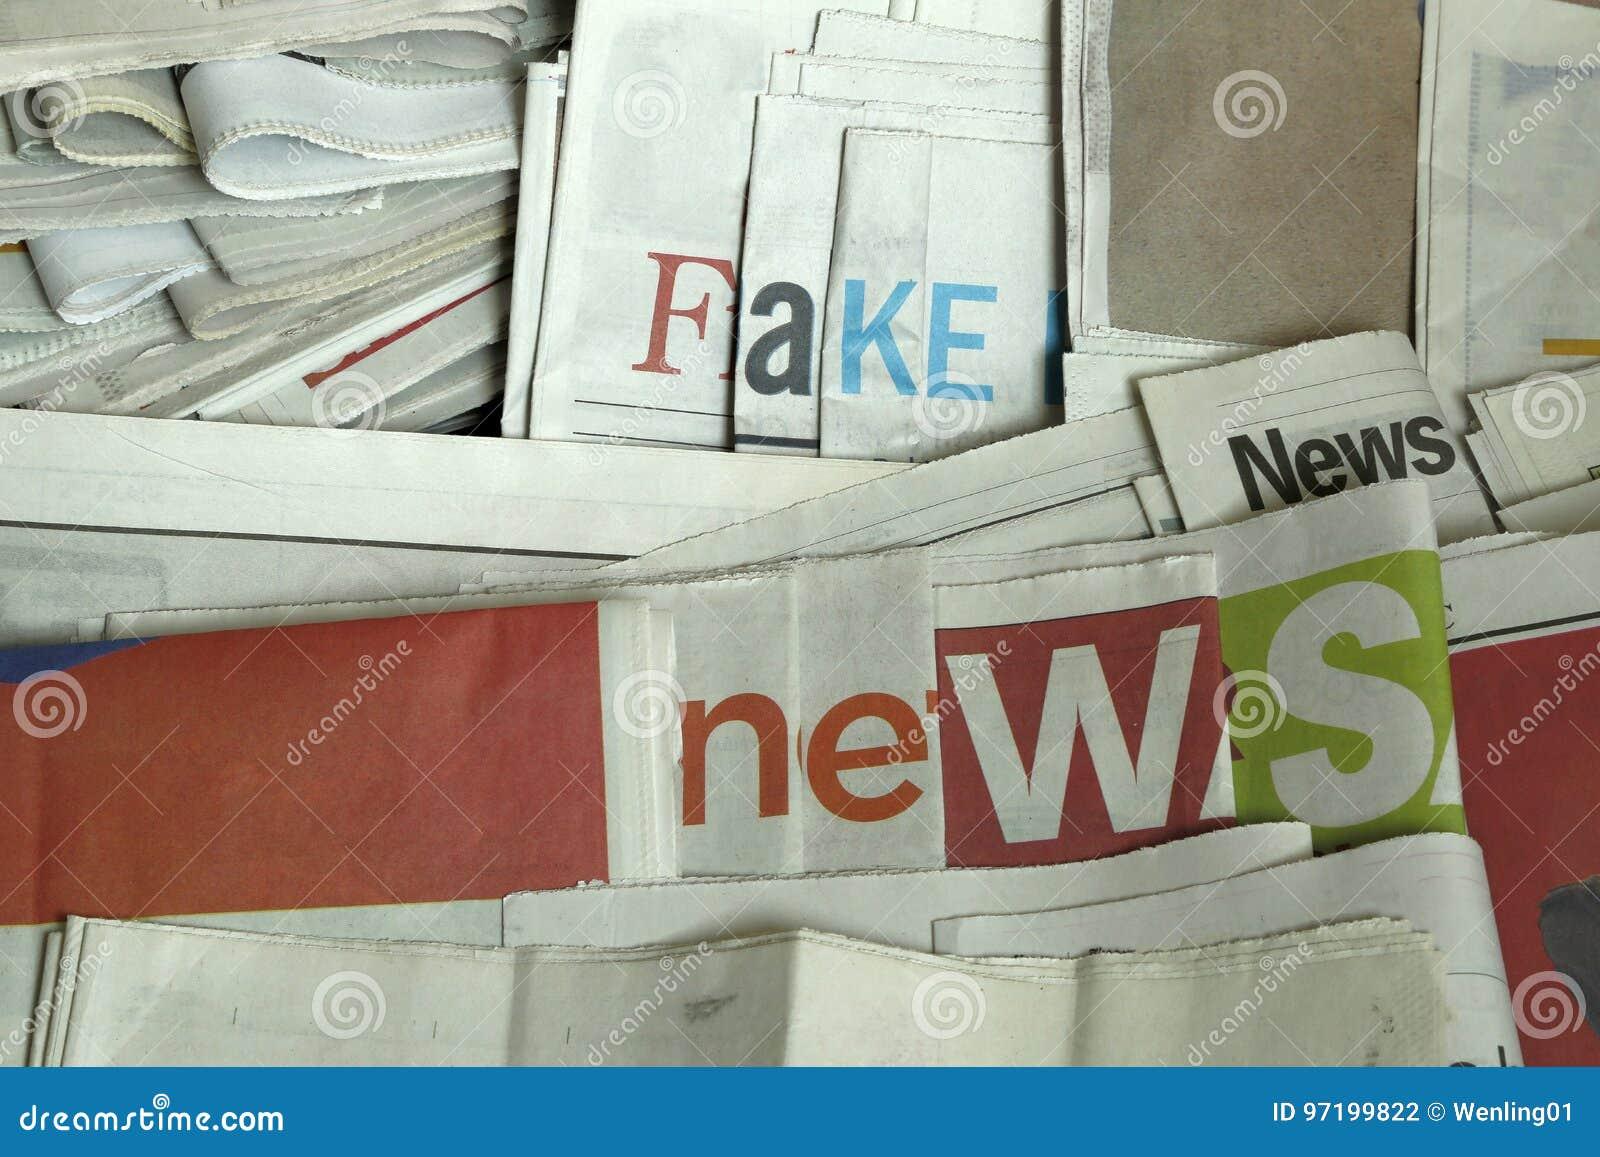 Fake news on newspapers